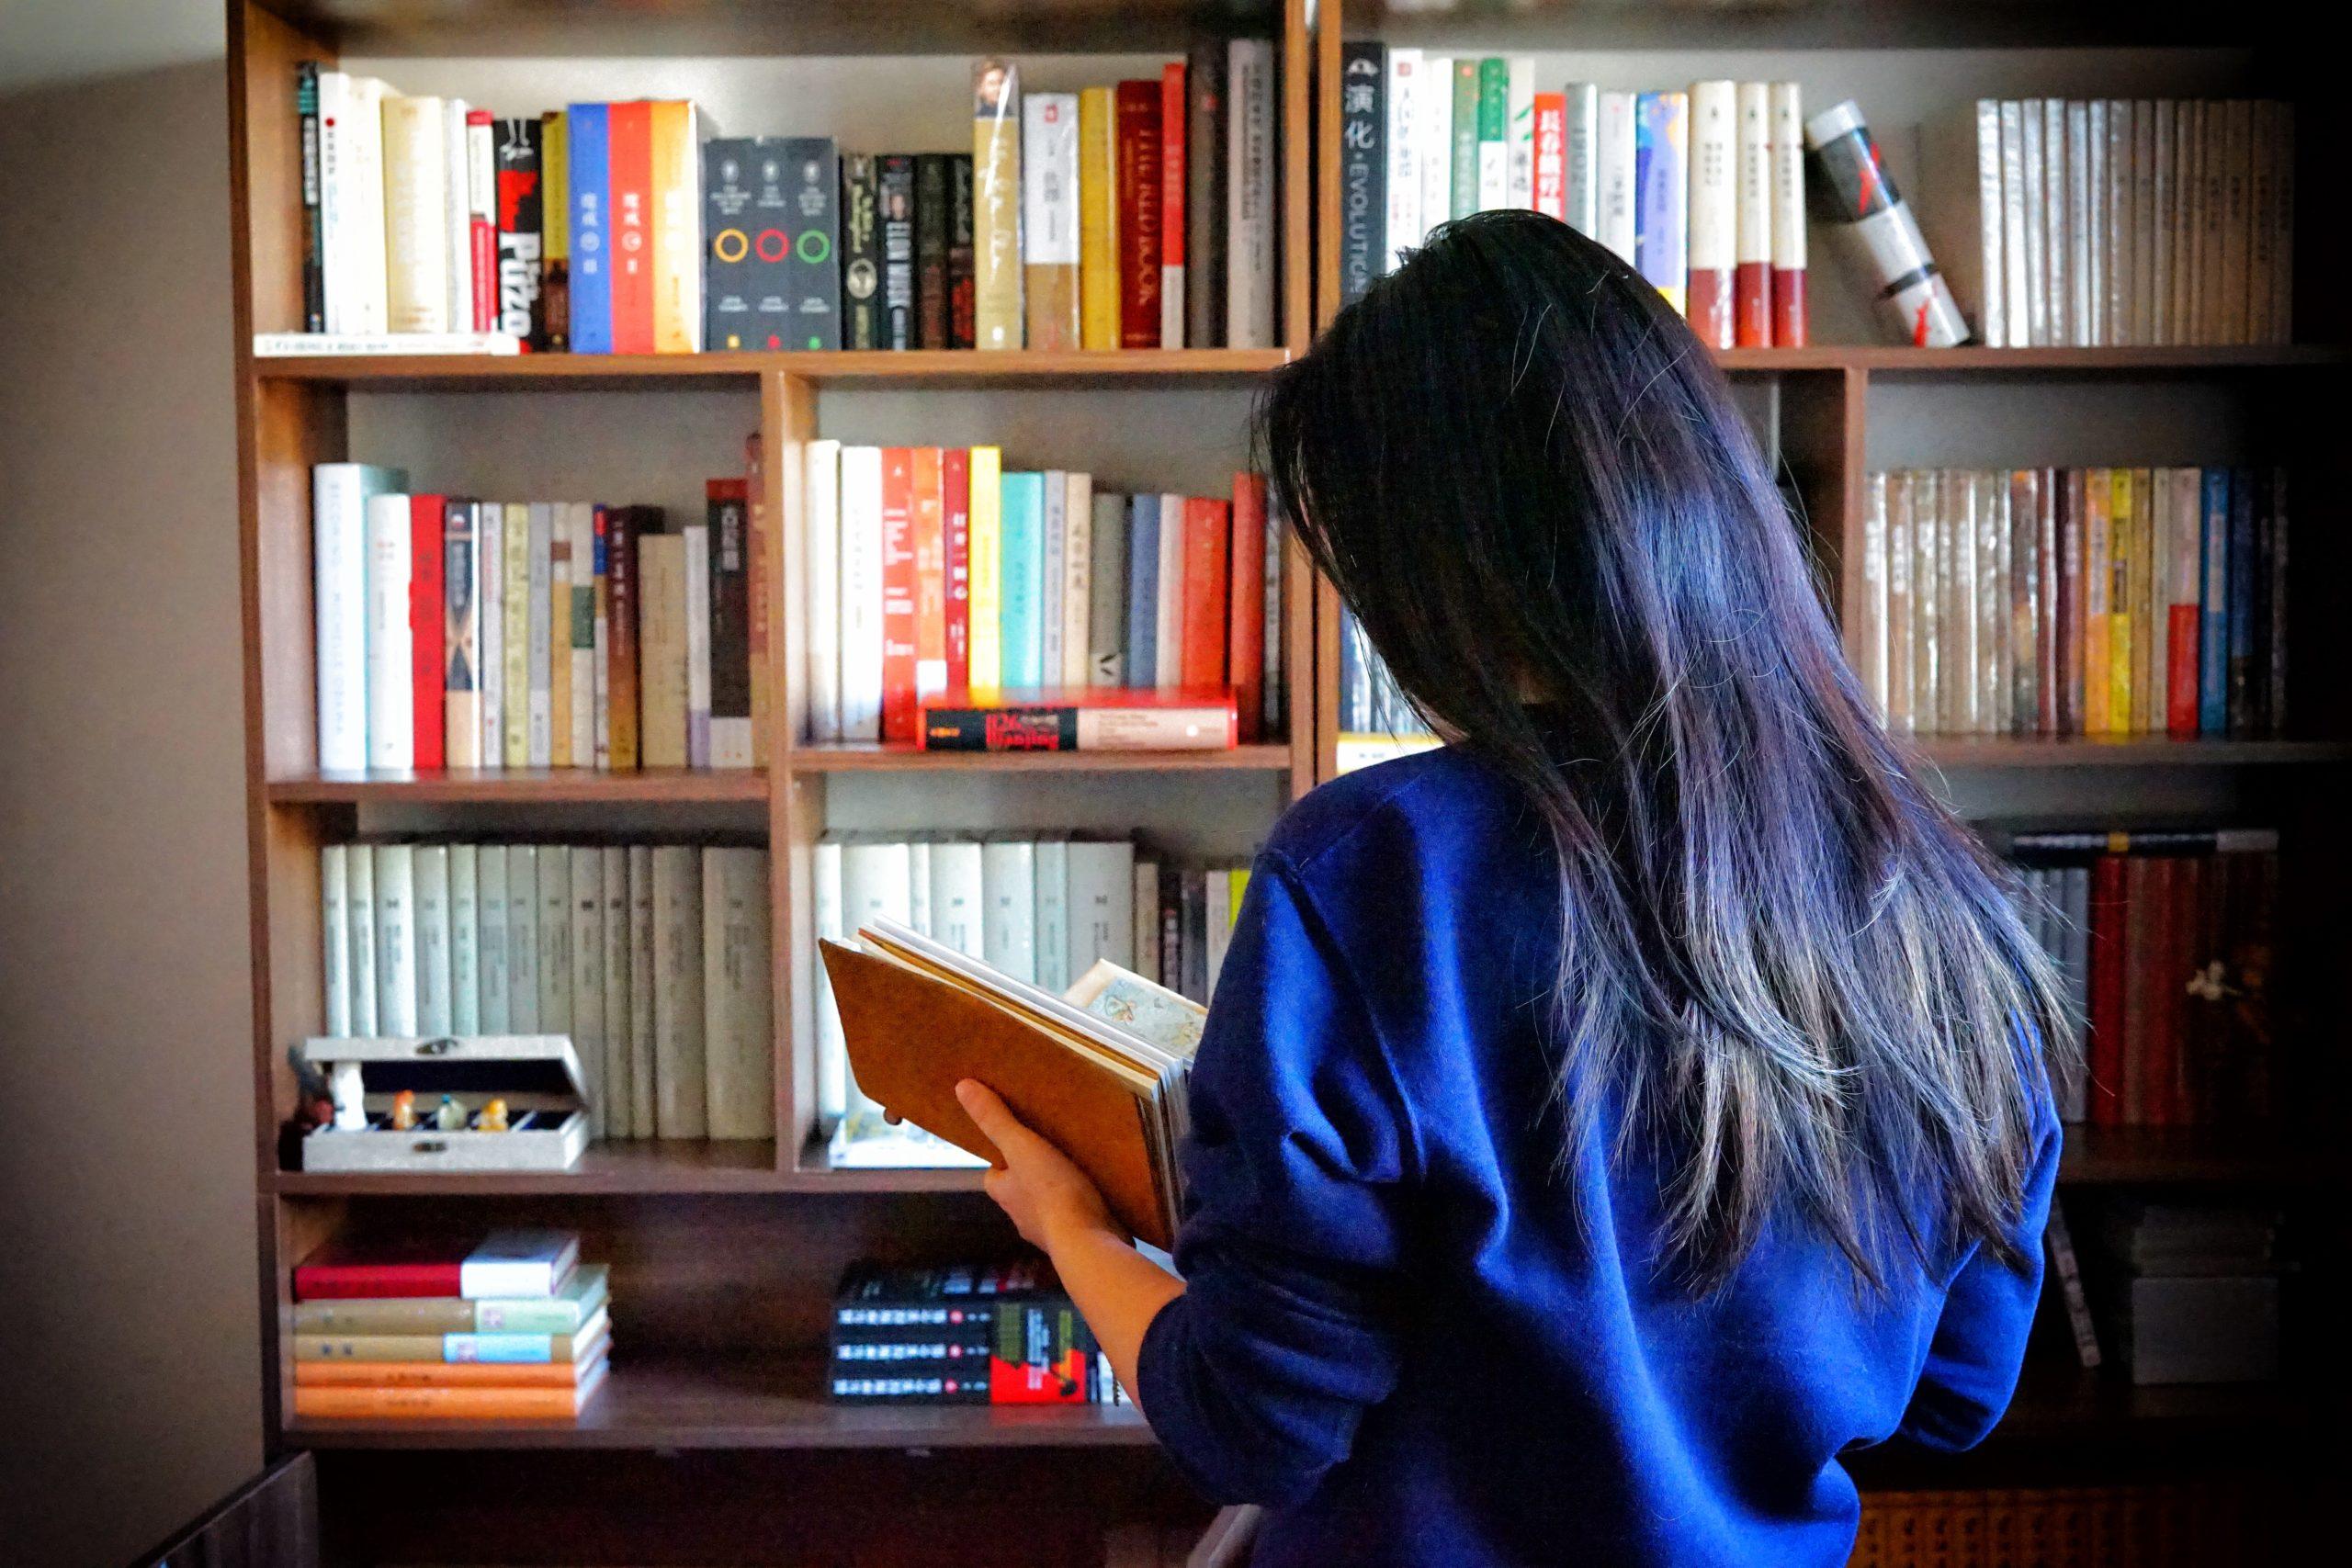 Правильный подход к чтению позволит получить максимум от книги.